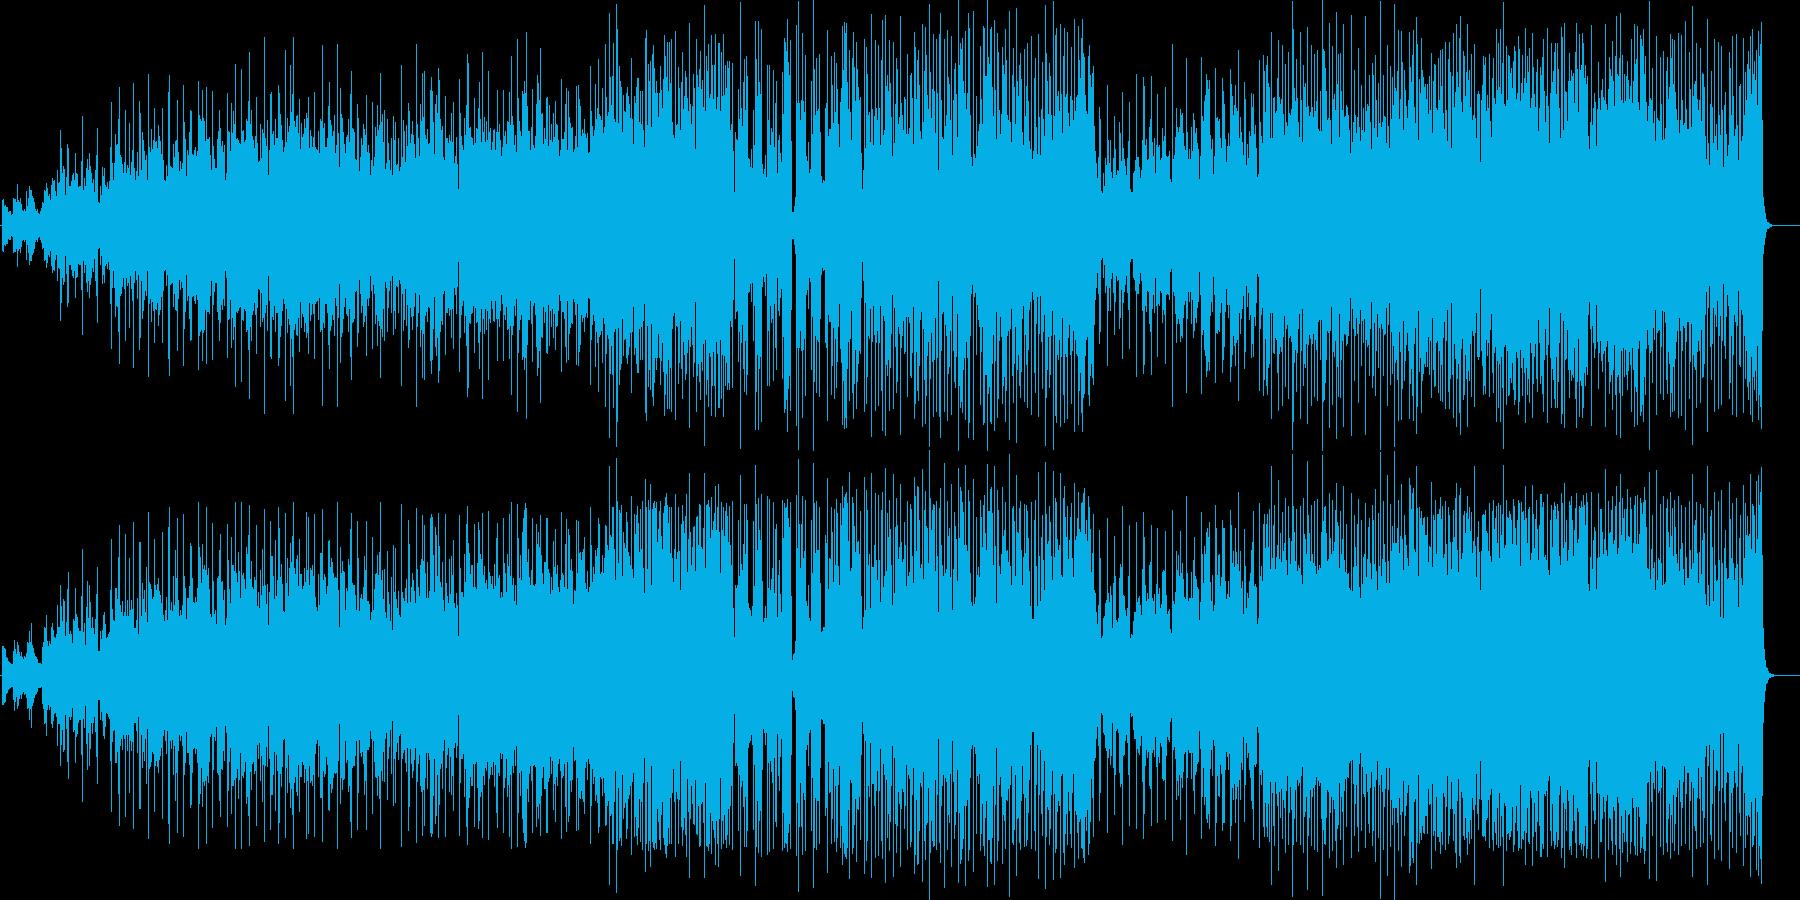 アーシーな雰囲気を漂わせたアンサンブルの再生済みの波形